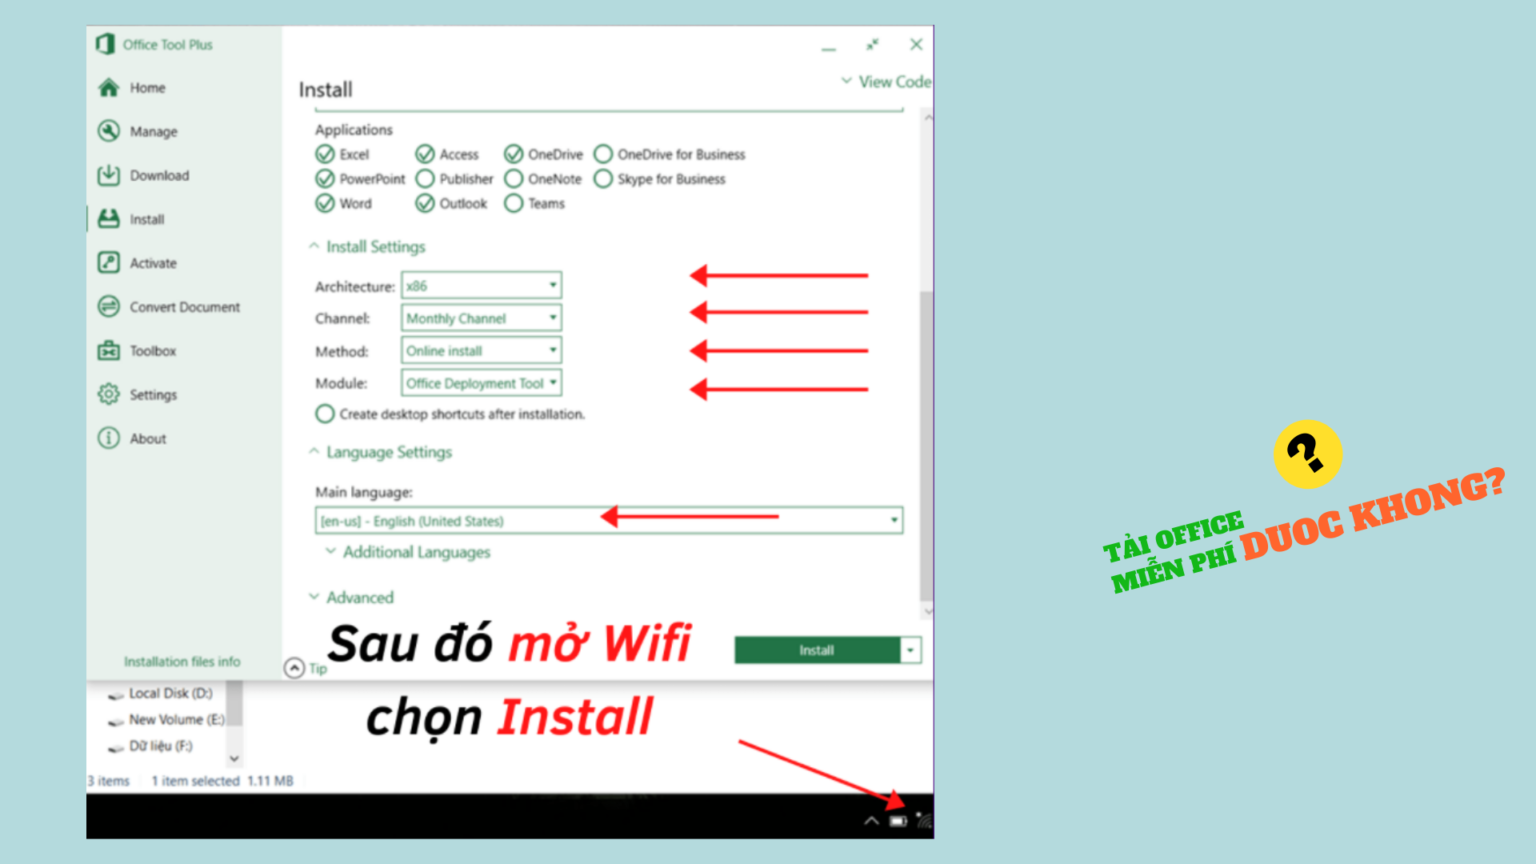 Mở Wifi và tải Office 365